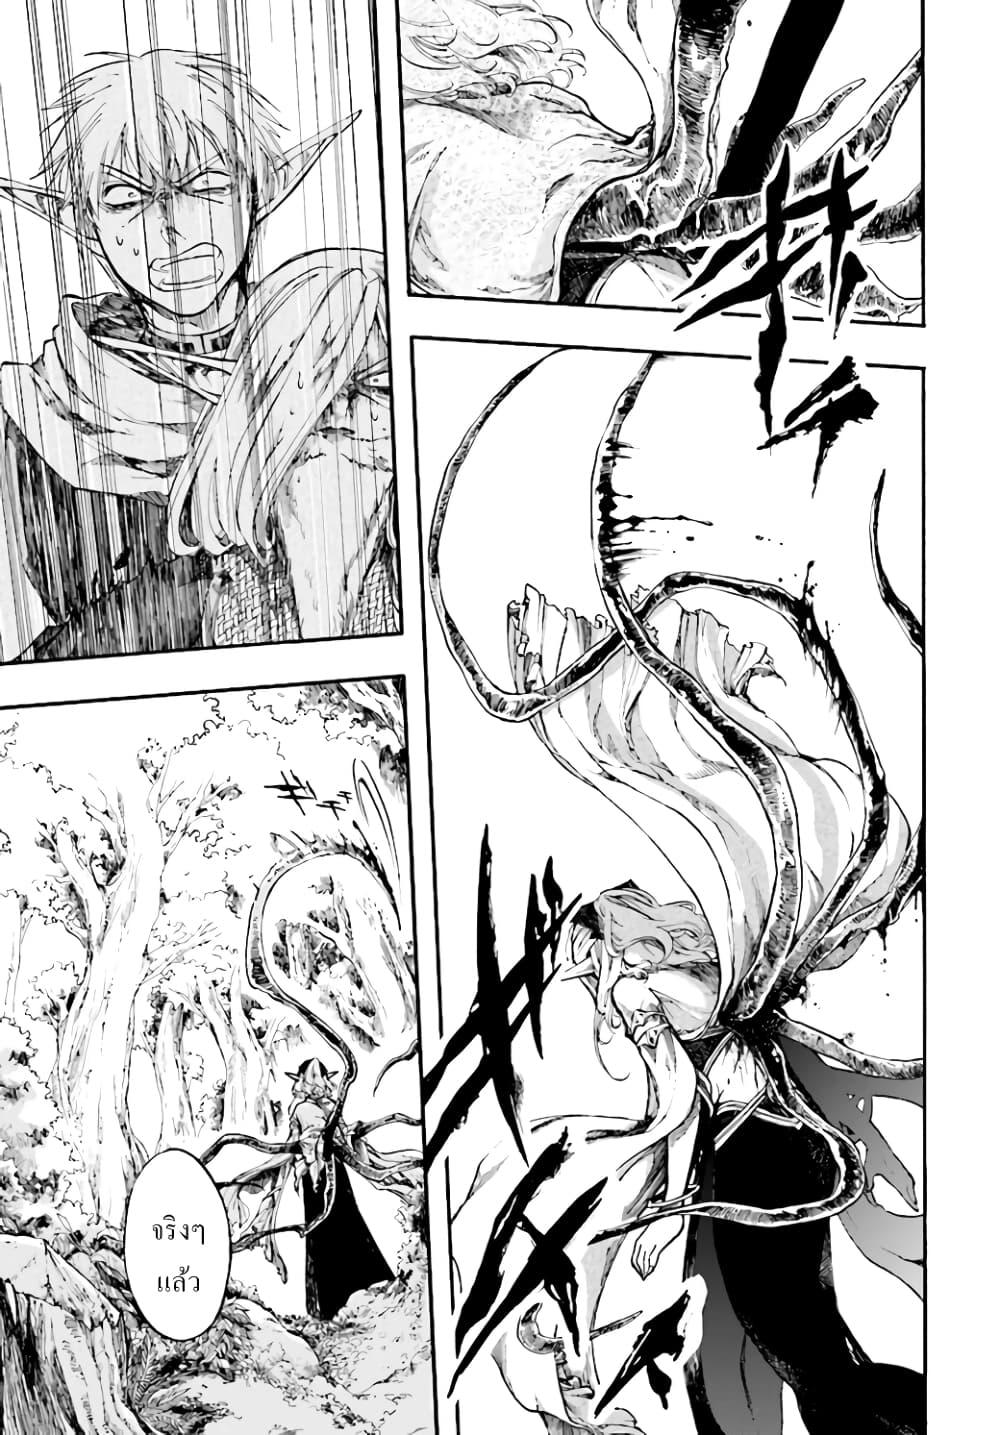 อ่านการ์ตูน Isekai Apocalypse MYNOGHRA ~The Conquest of the World Starts With the Civilization of Ruin~ ตอนที่ 5 หน้าที่ 17